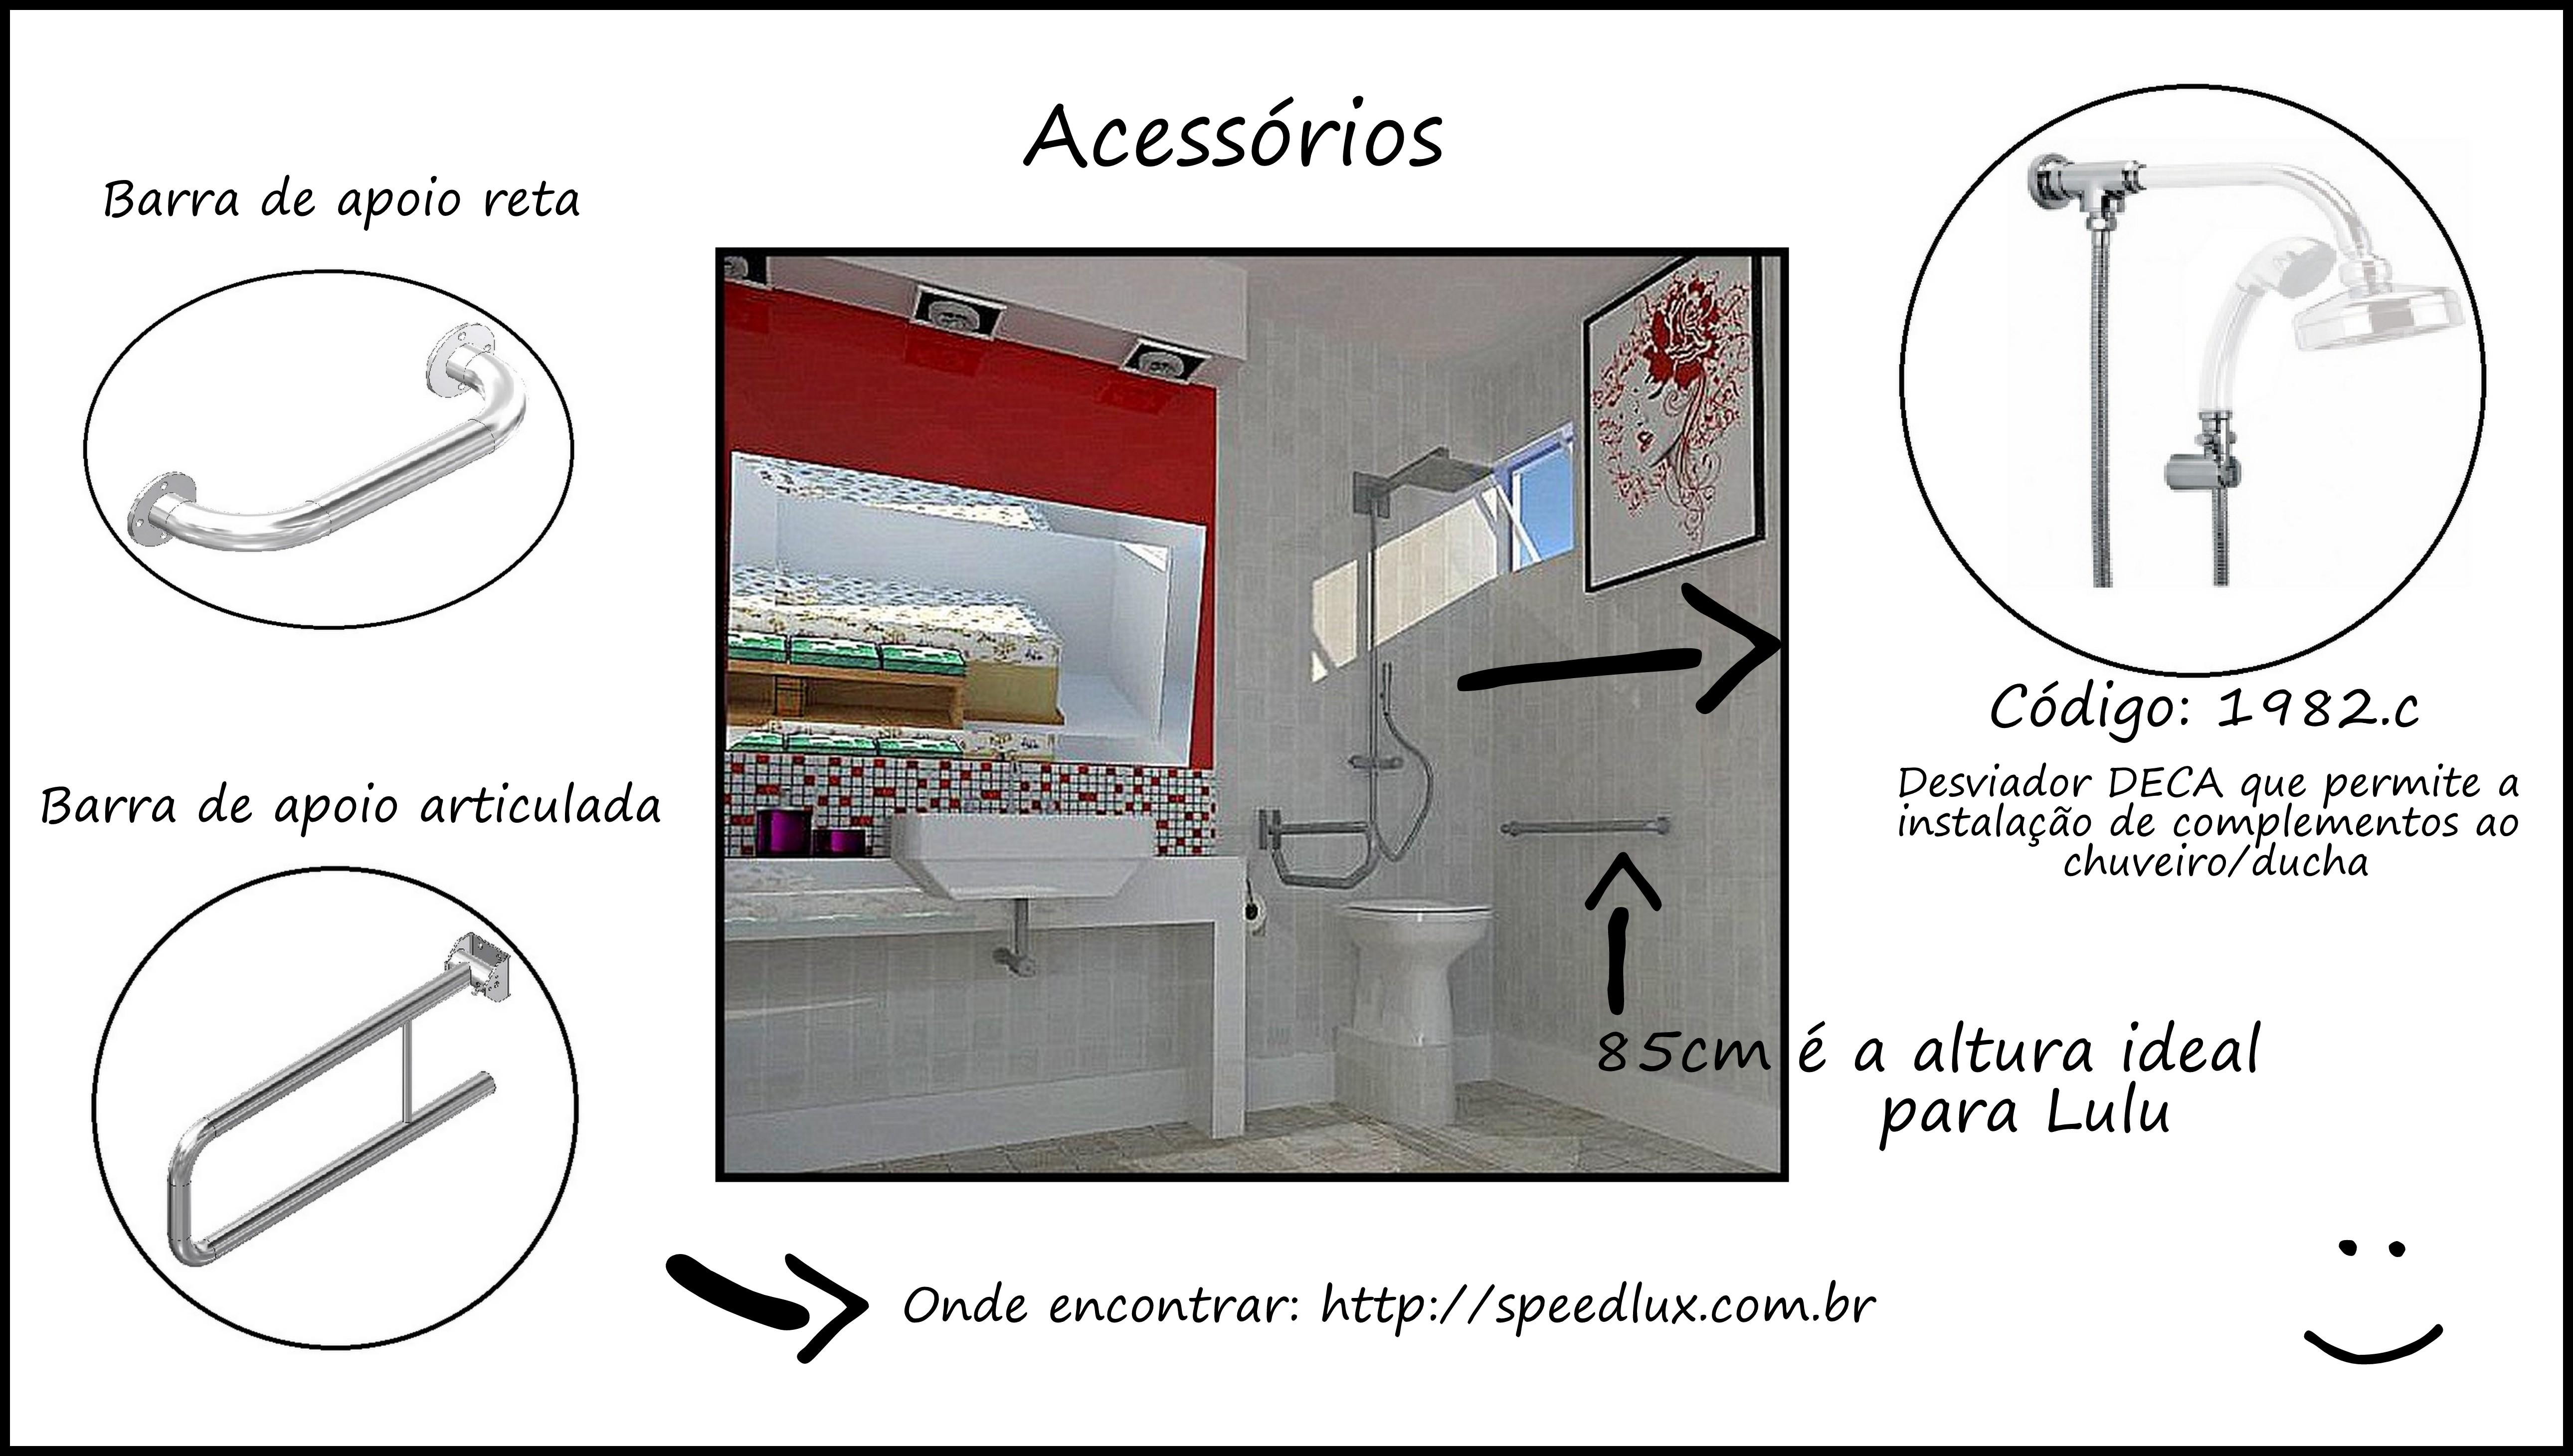 Algumas regras básicas para deixar o banheiro ainda mais confortável  #791E1D 5160x2920 Acessorios Para Banheiro De Luxo